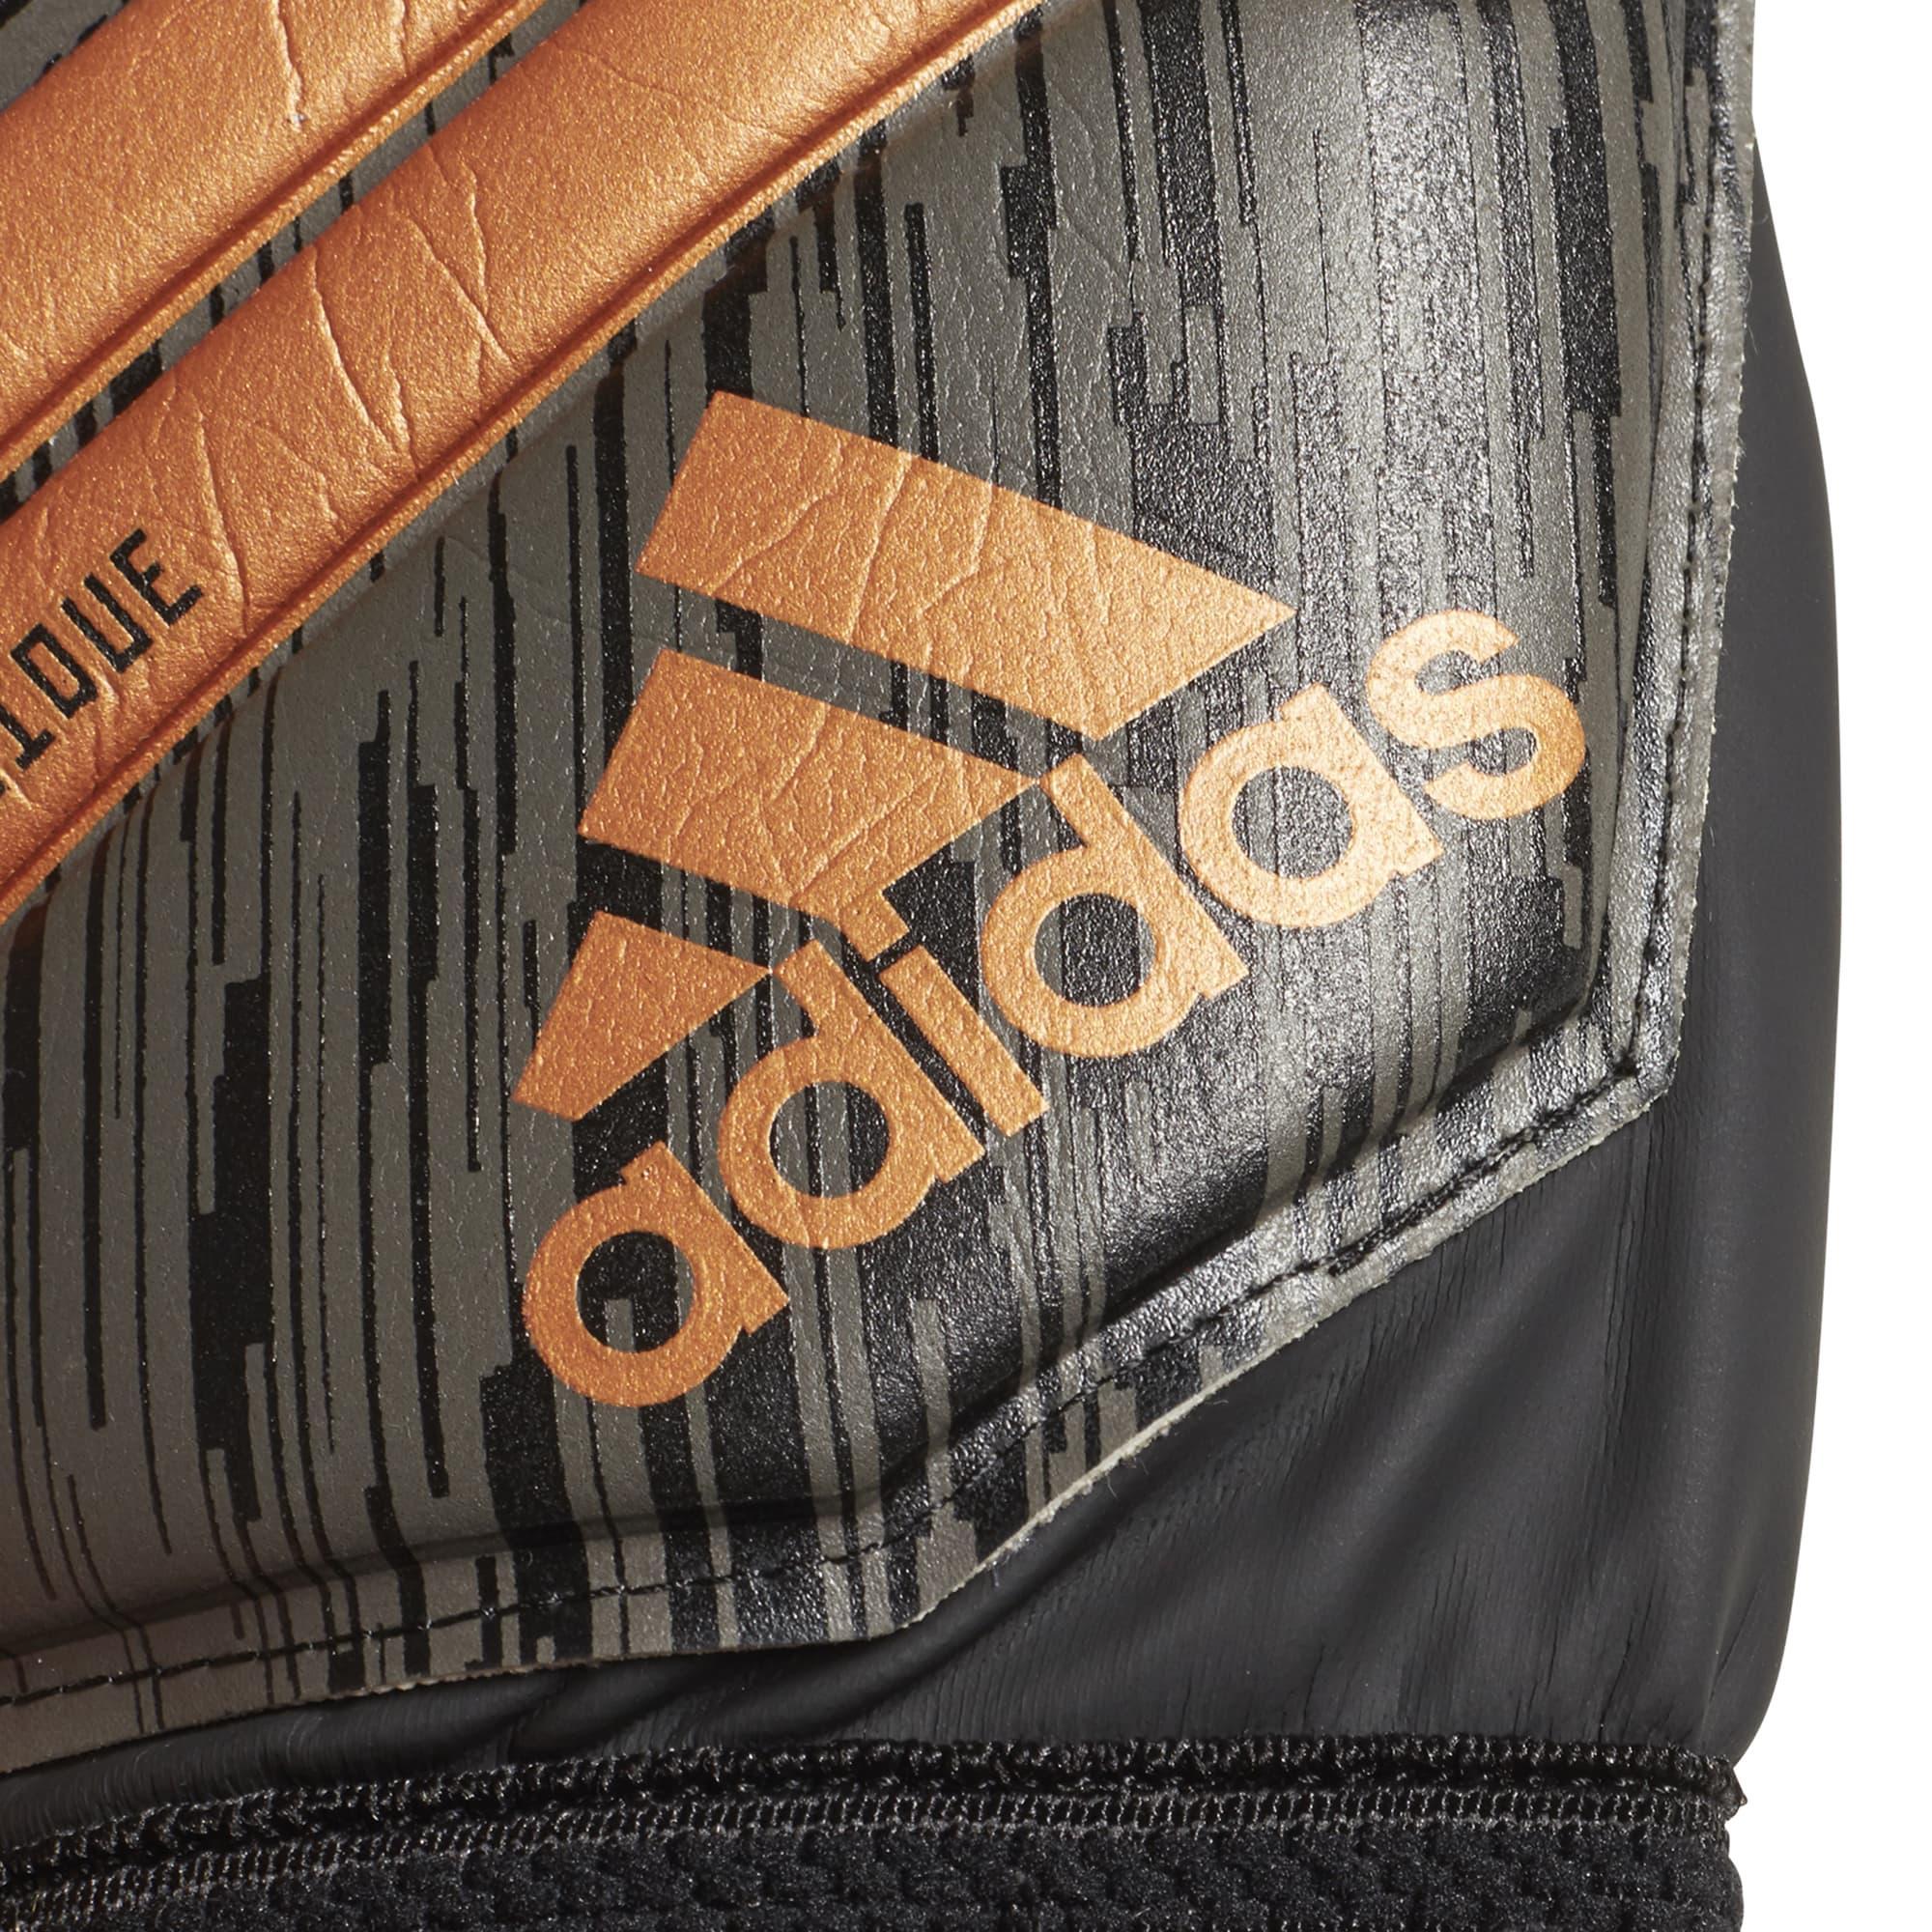 Adidas Predator 18 Guantes n6MPI